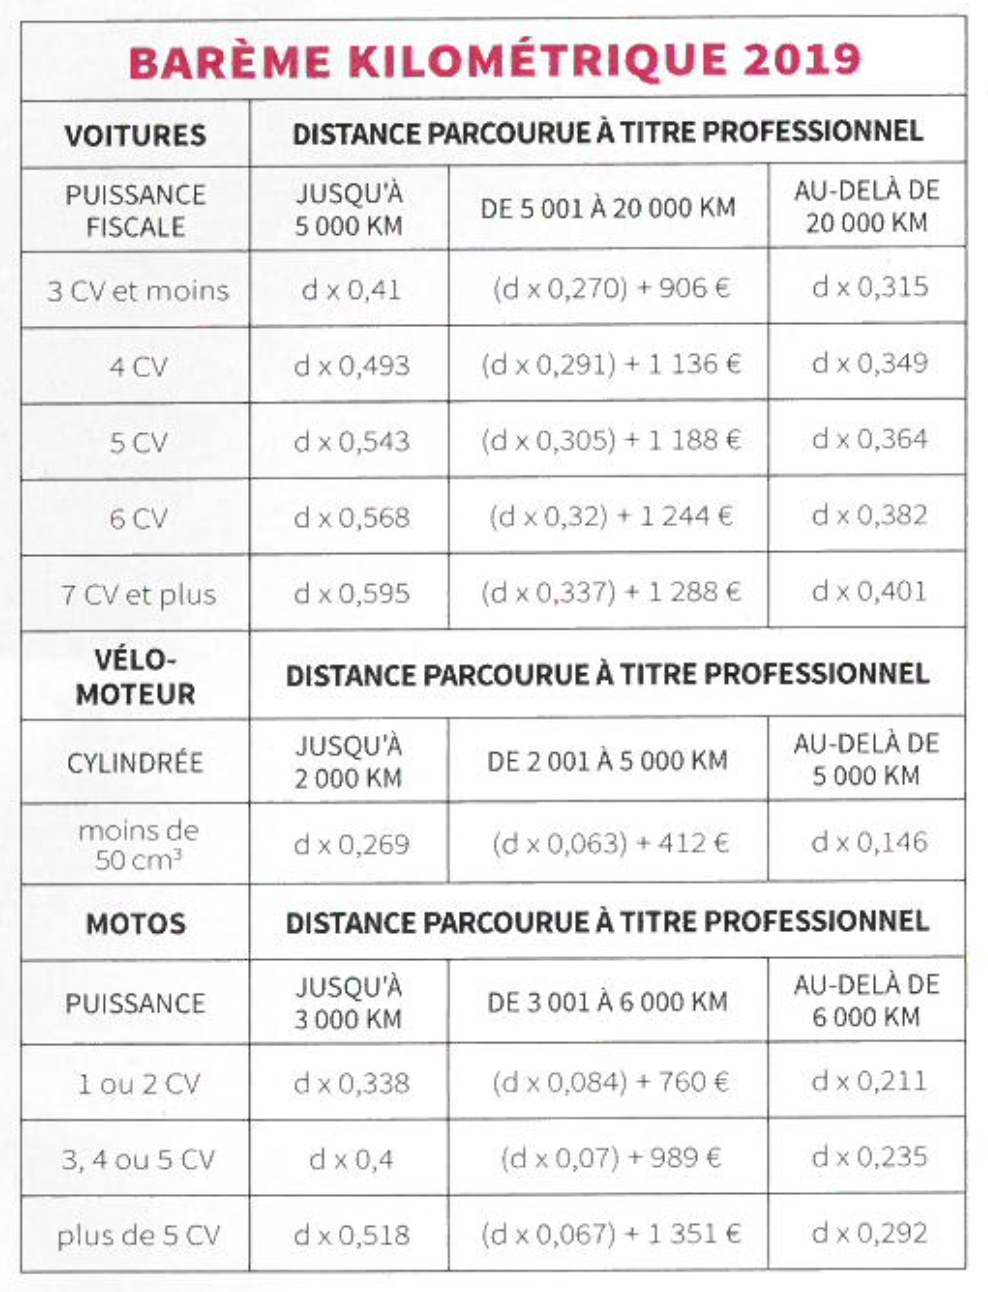 Barème Kilométrique 2019